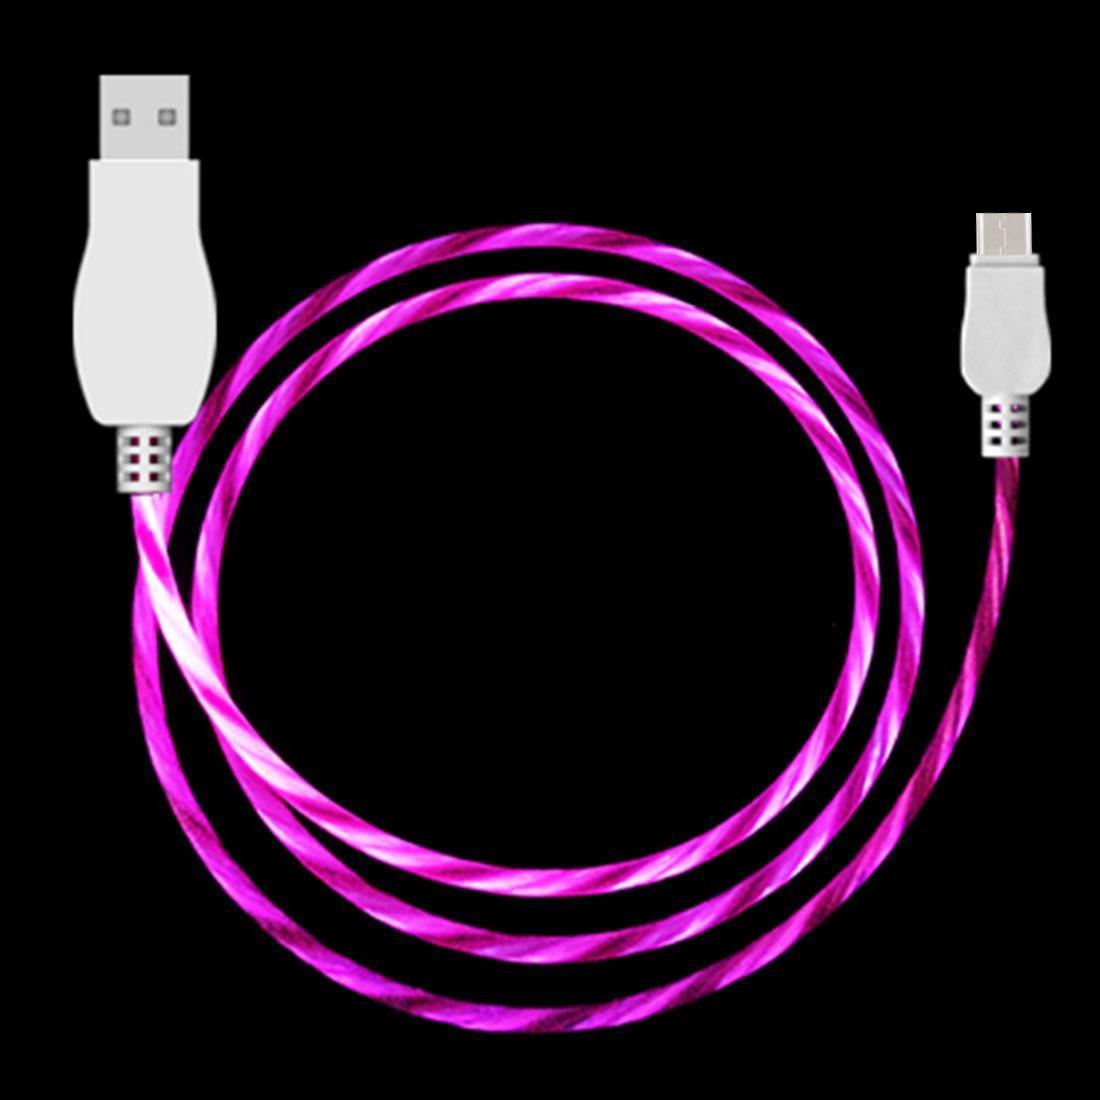 LED scorrente 1m Luce USB A a Type-C cavo della carica di sincronizzazione di dati, della galassia, Huawei, Xiaomi, LG, HTC e altri telefoni intelligenti